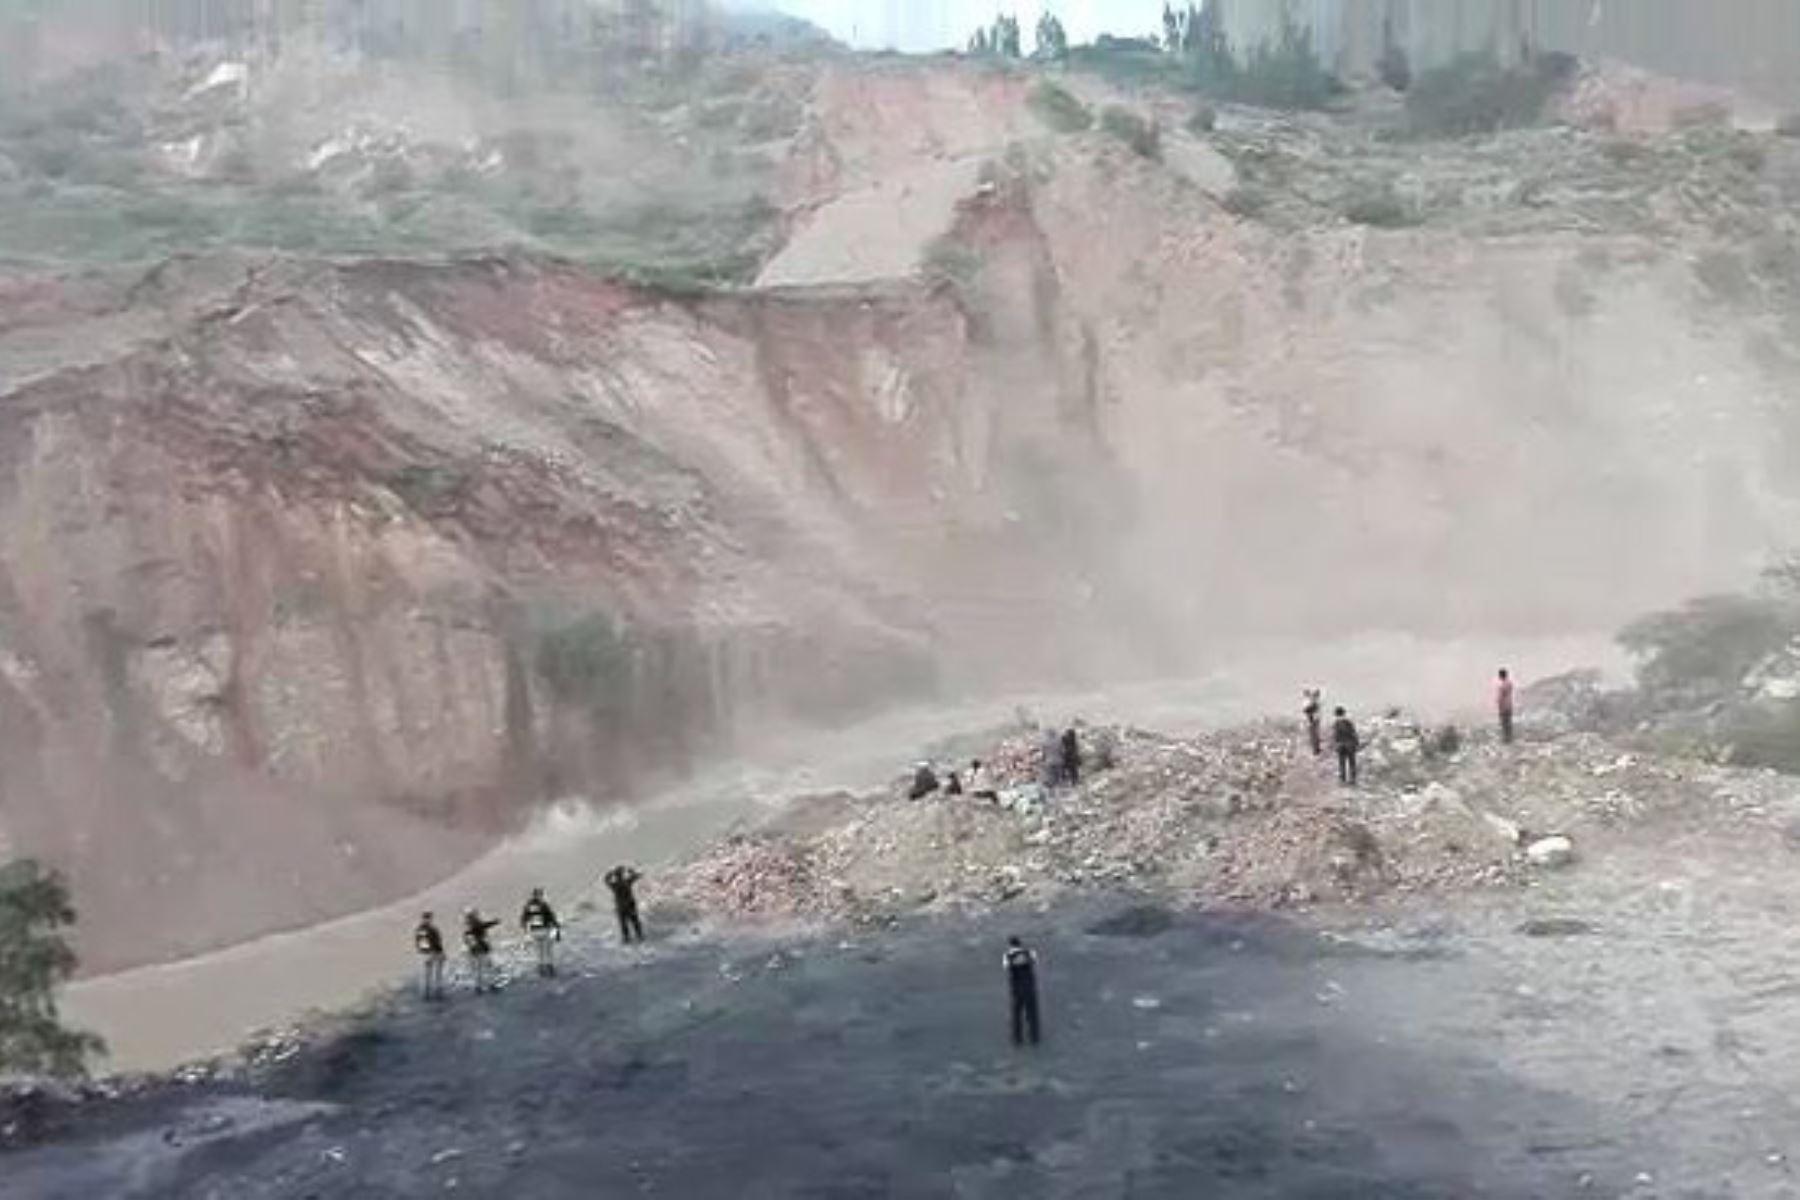 Prorrogan estado de emergencia en Pomabamba por daños causados por lluvias intensas y erosión fluvial. ANDINA/Difusión